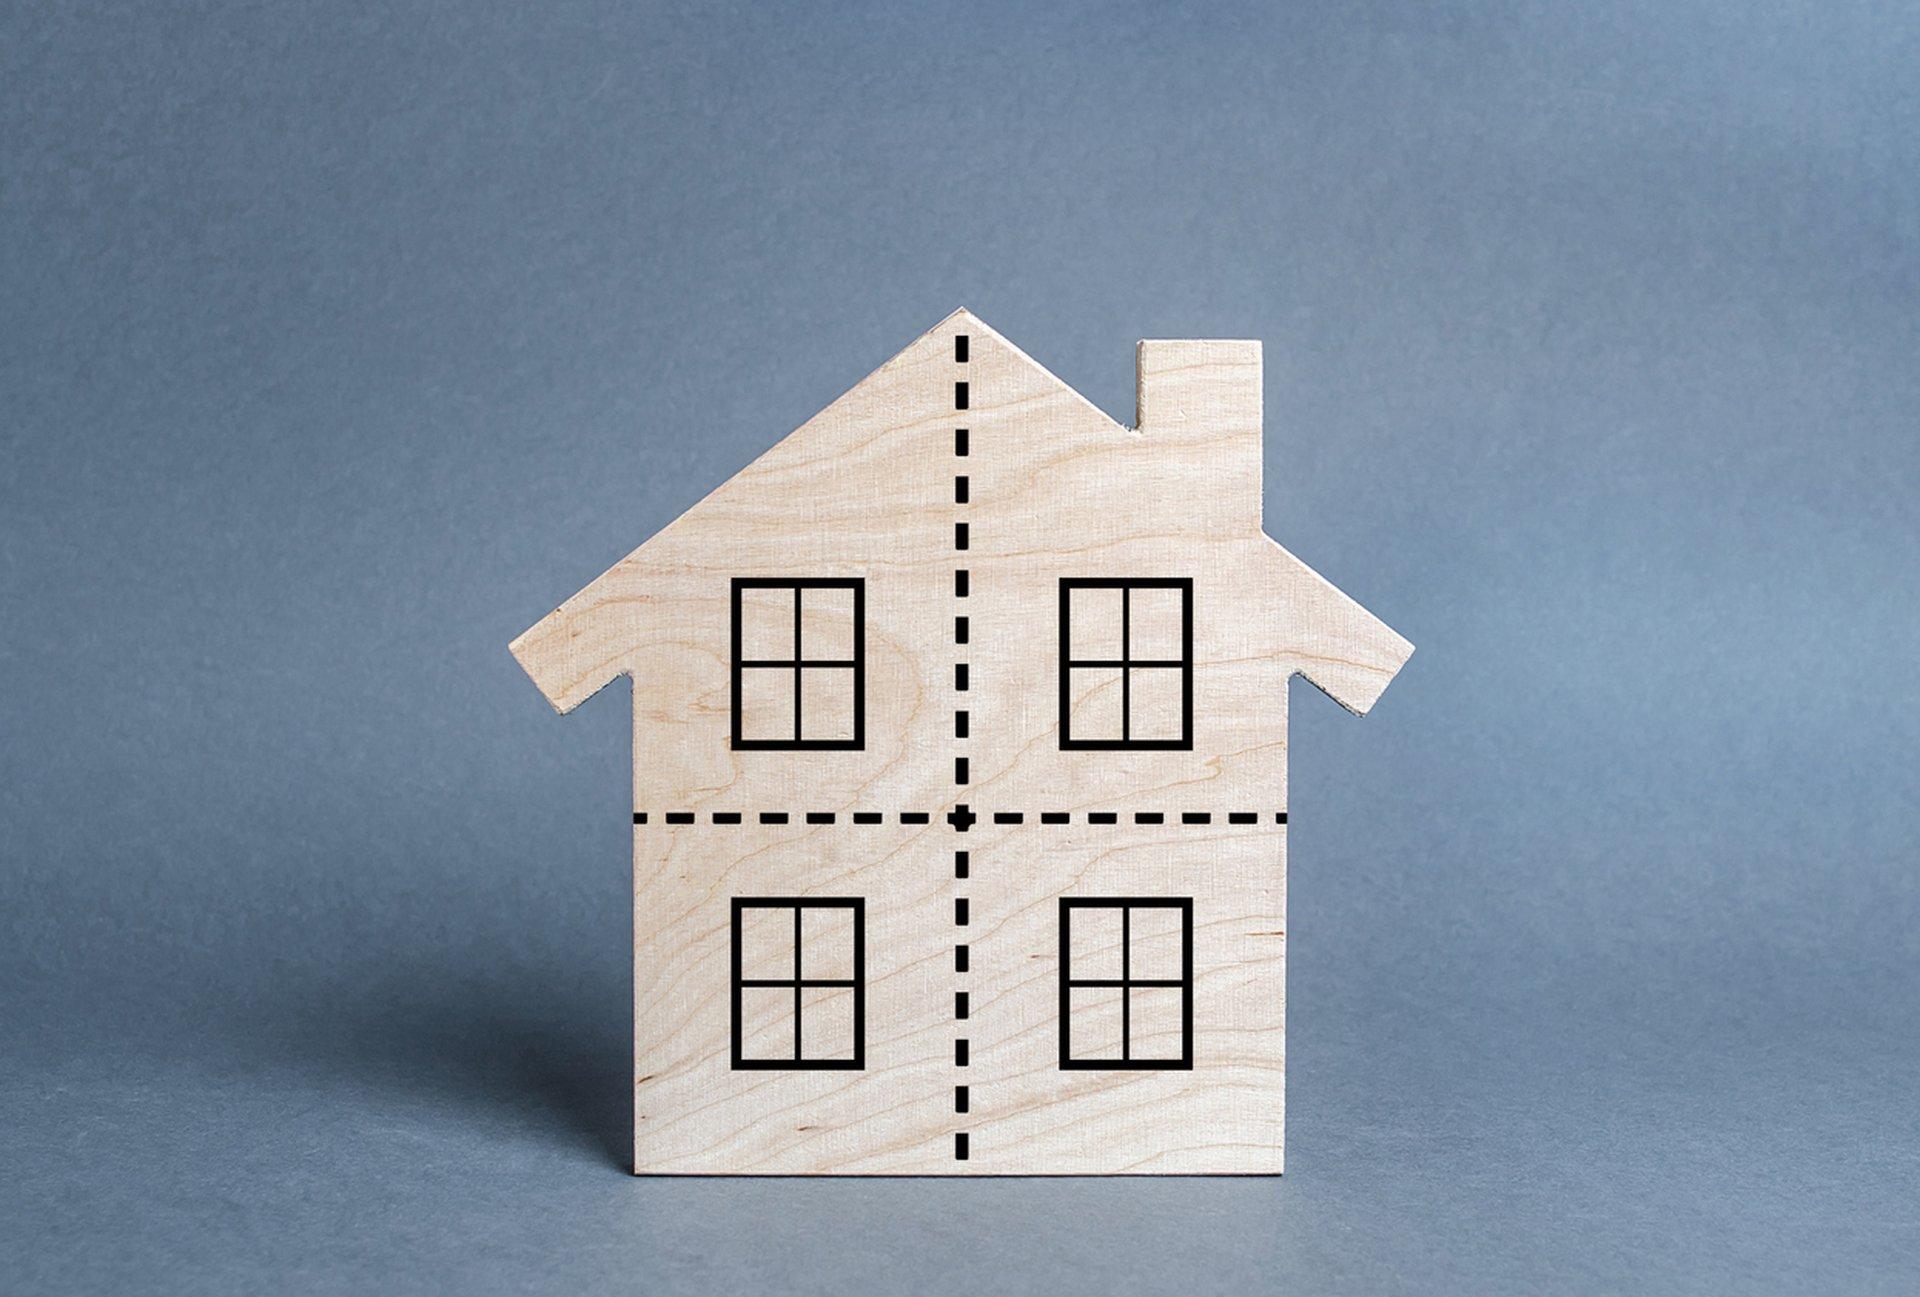 Erbschaftssteuer: Geerbtes Haus aufteilen